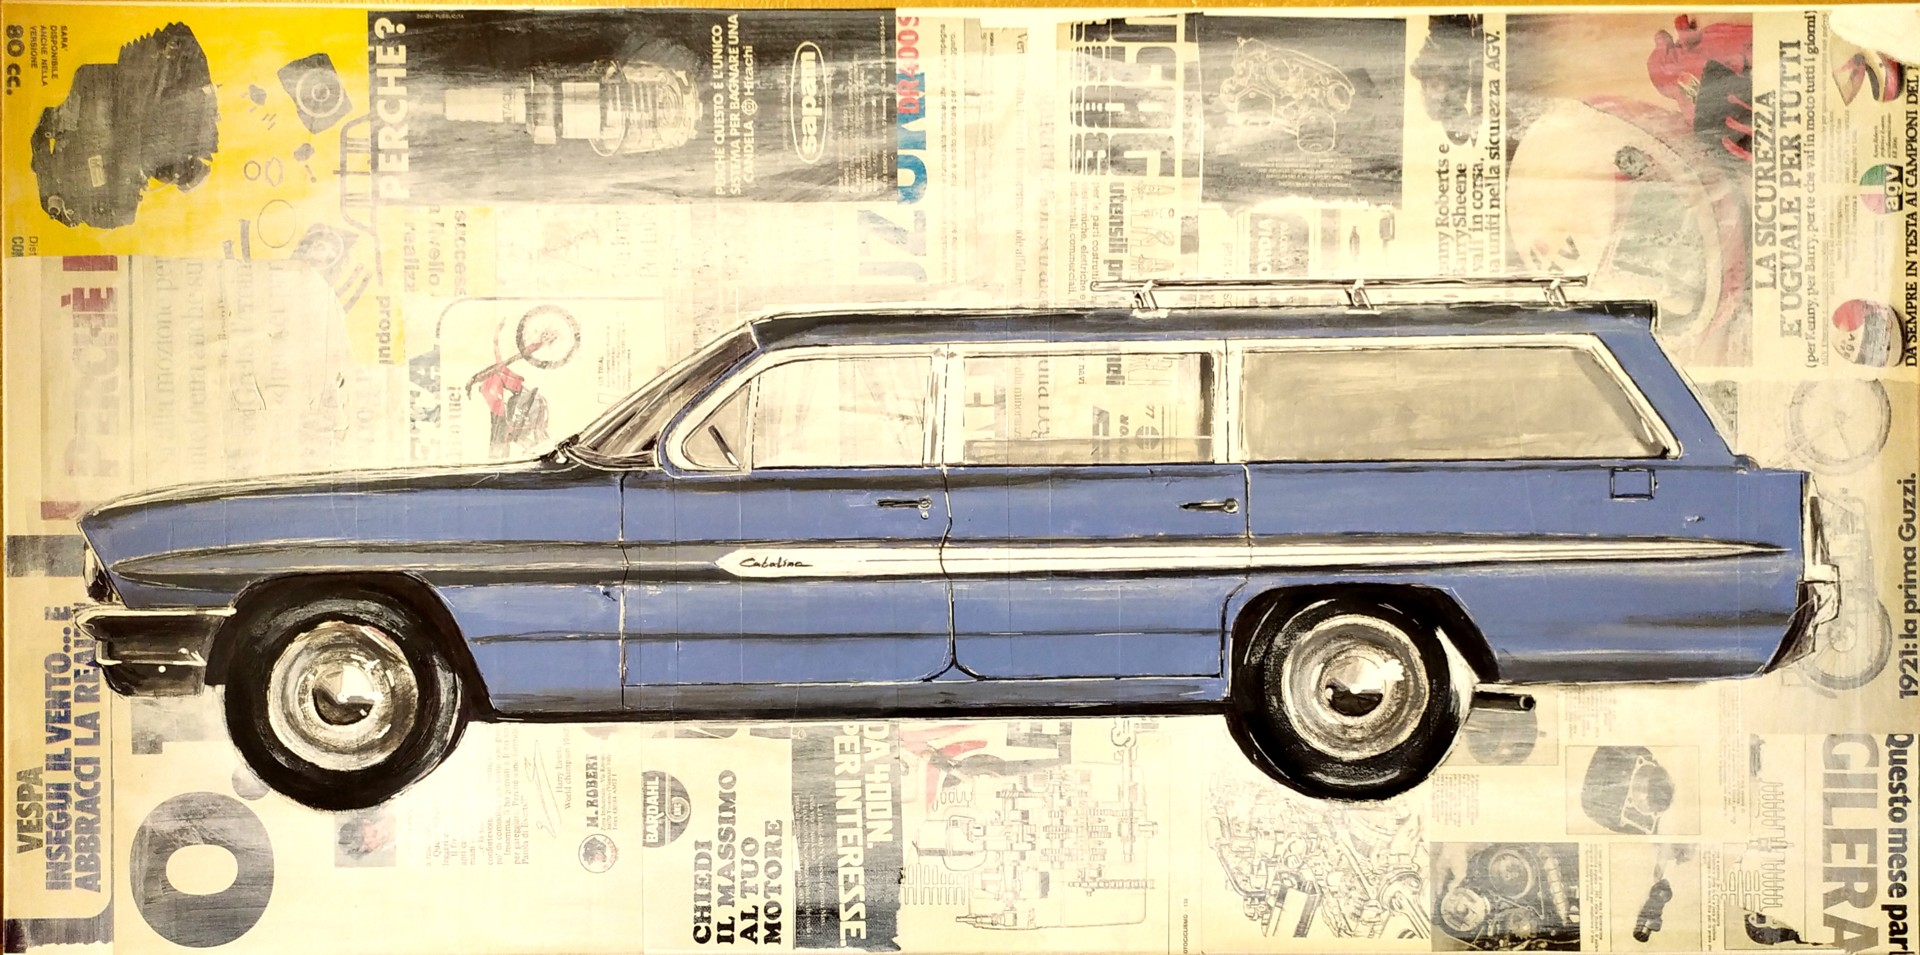 Schascia - Pontiac Catalina 1961